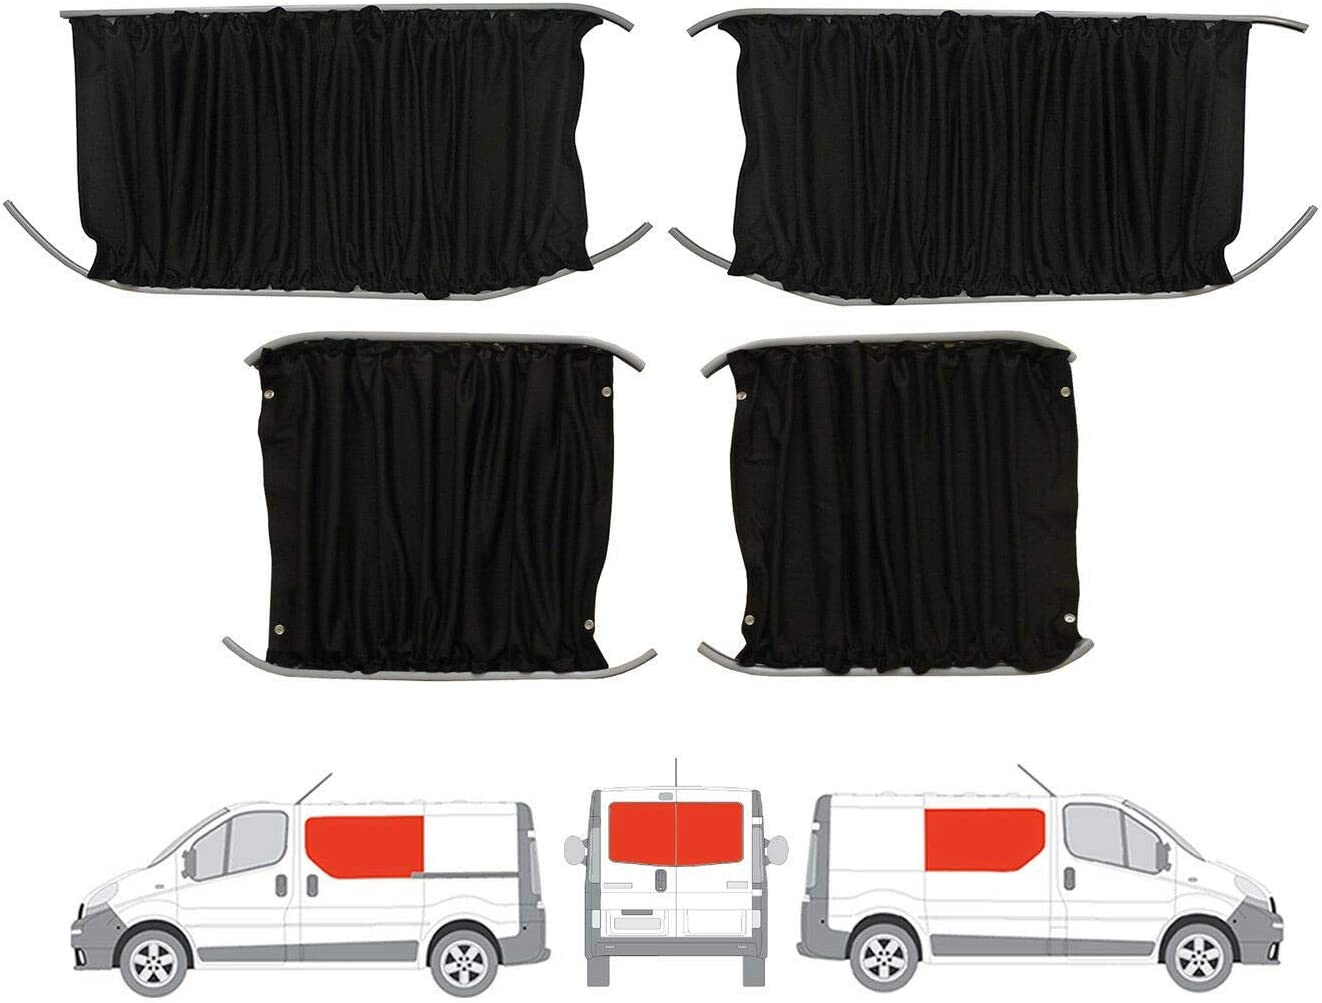 Negro de furgoneta cortinas Kit para la mano izquierda, mano derecha panel lateral de la puerta deslizante puertas traseras y: Amazon.es: Coche y moto